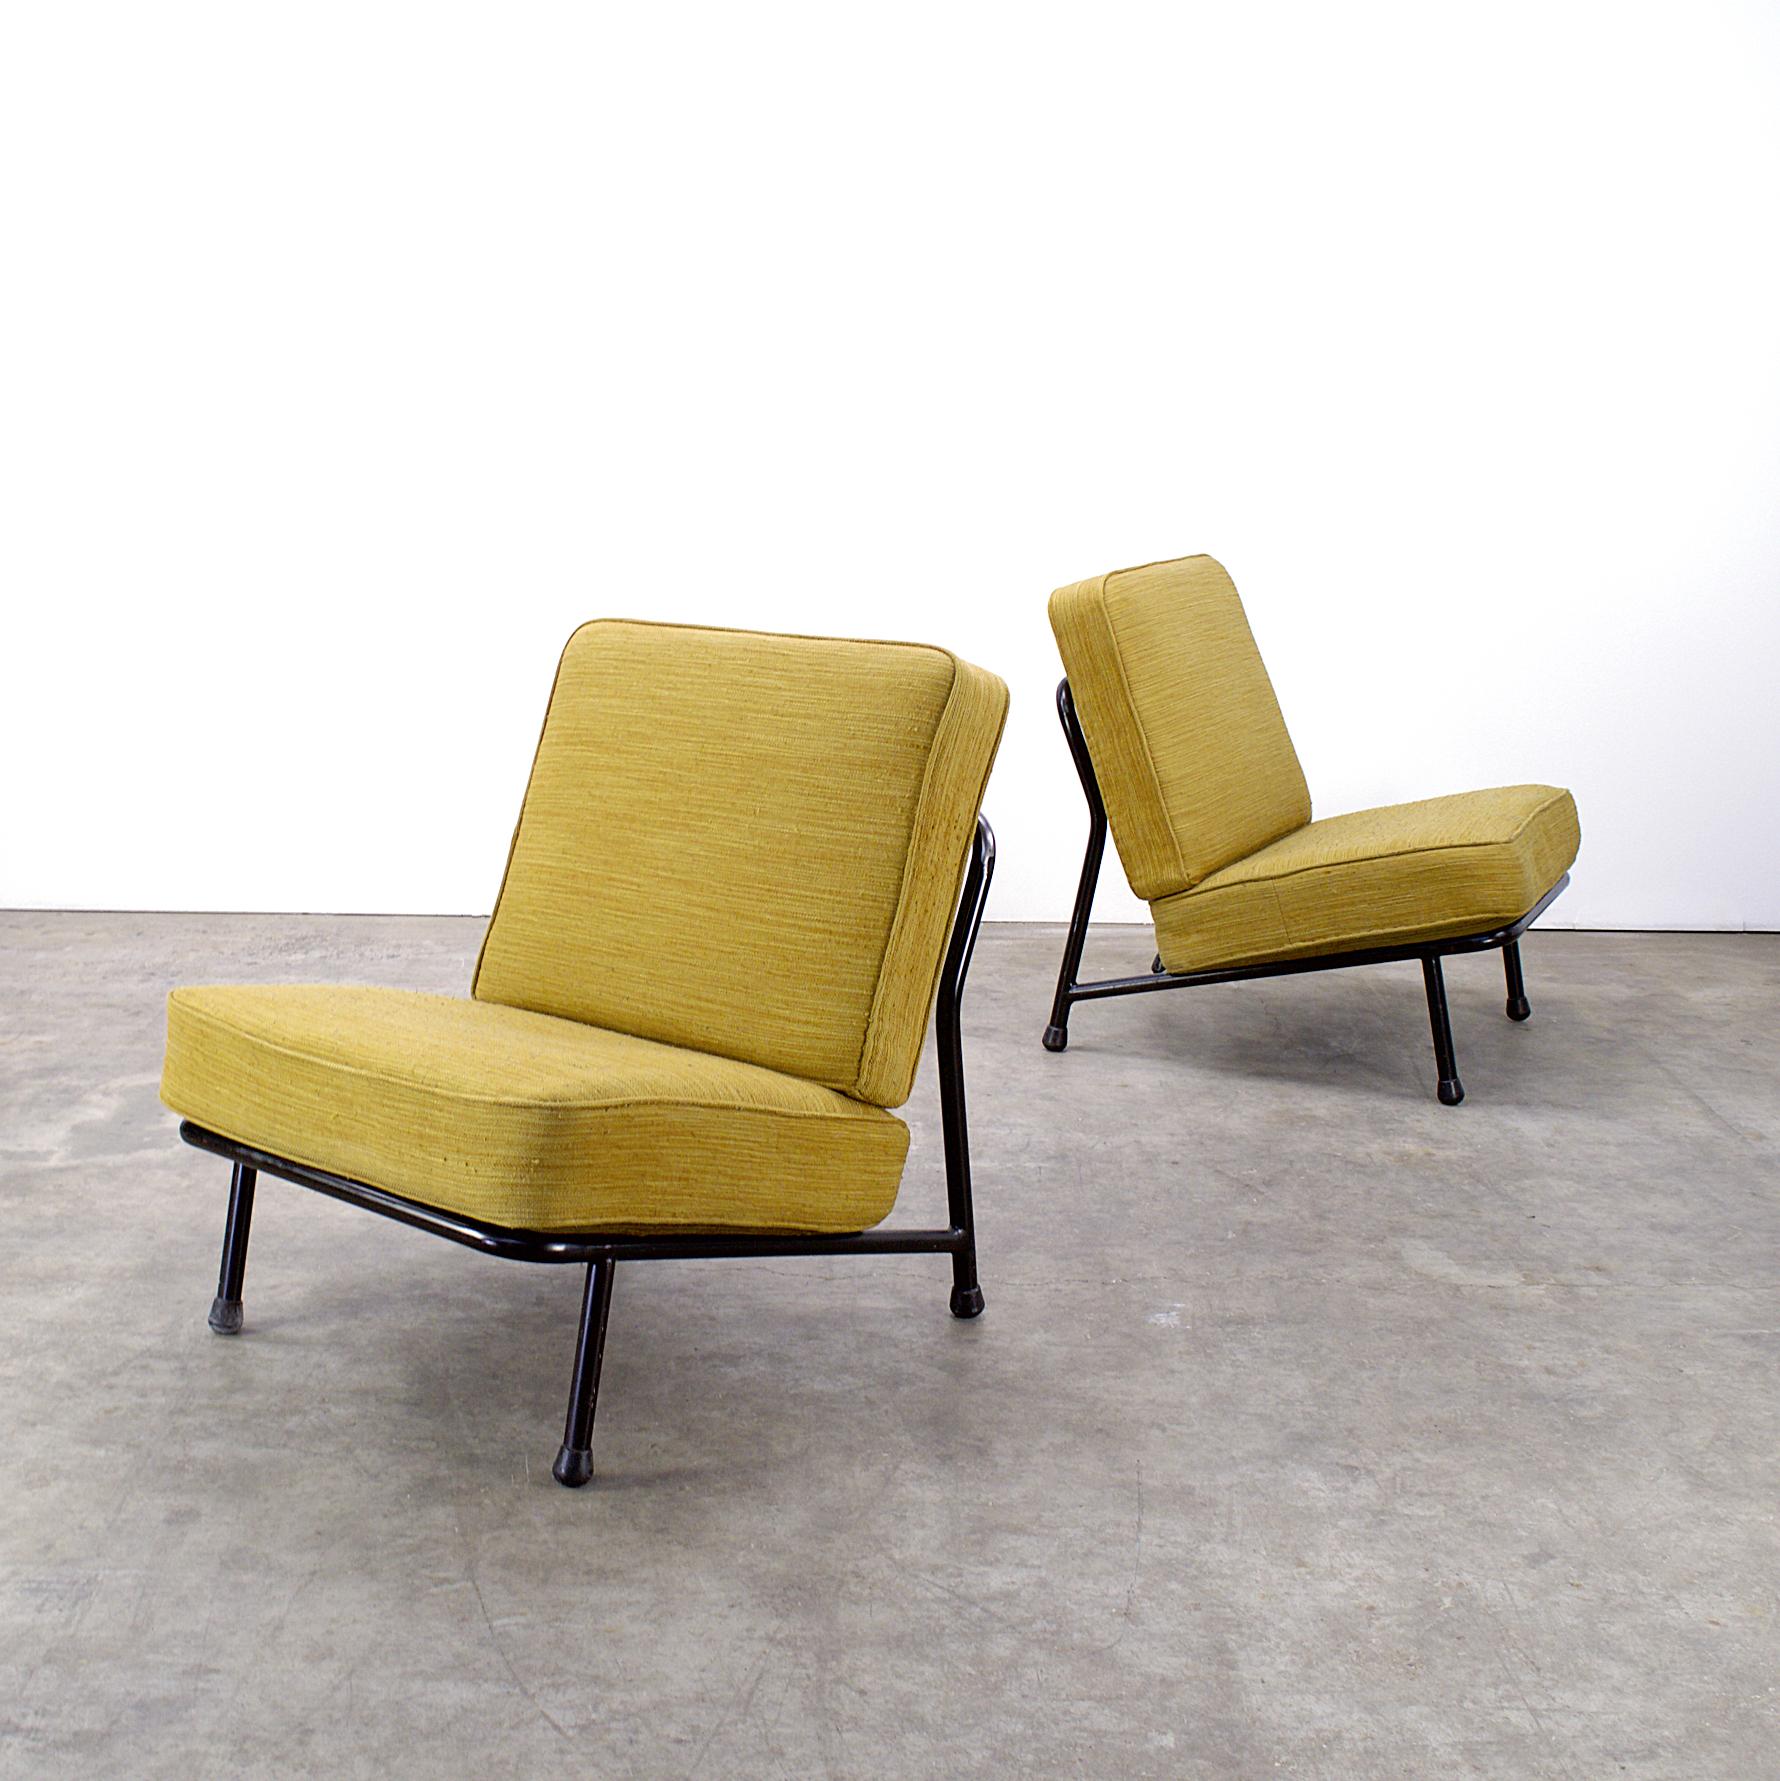 0909116ZF Dux Fauteuil Artifort Vintage Design Barbmama 001